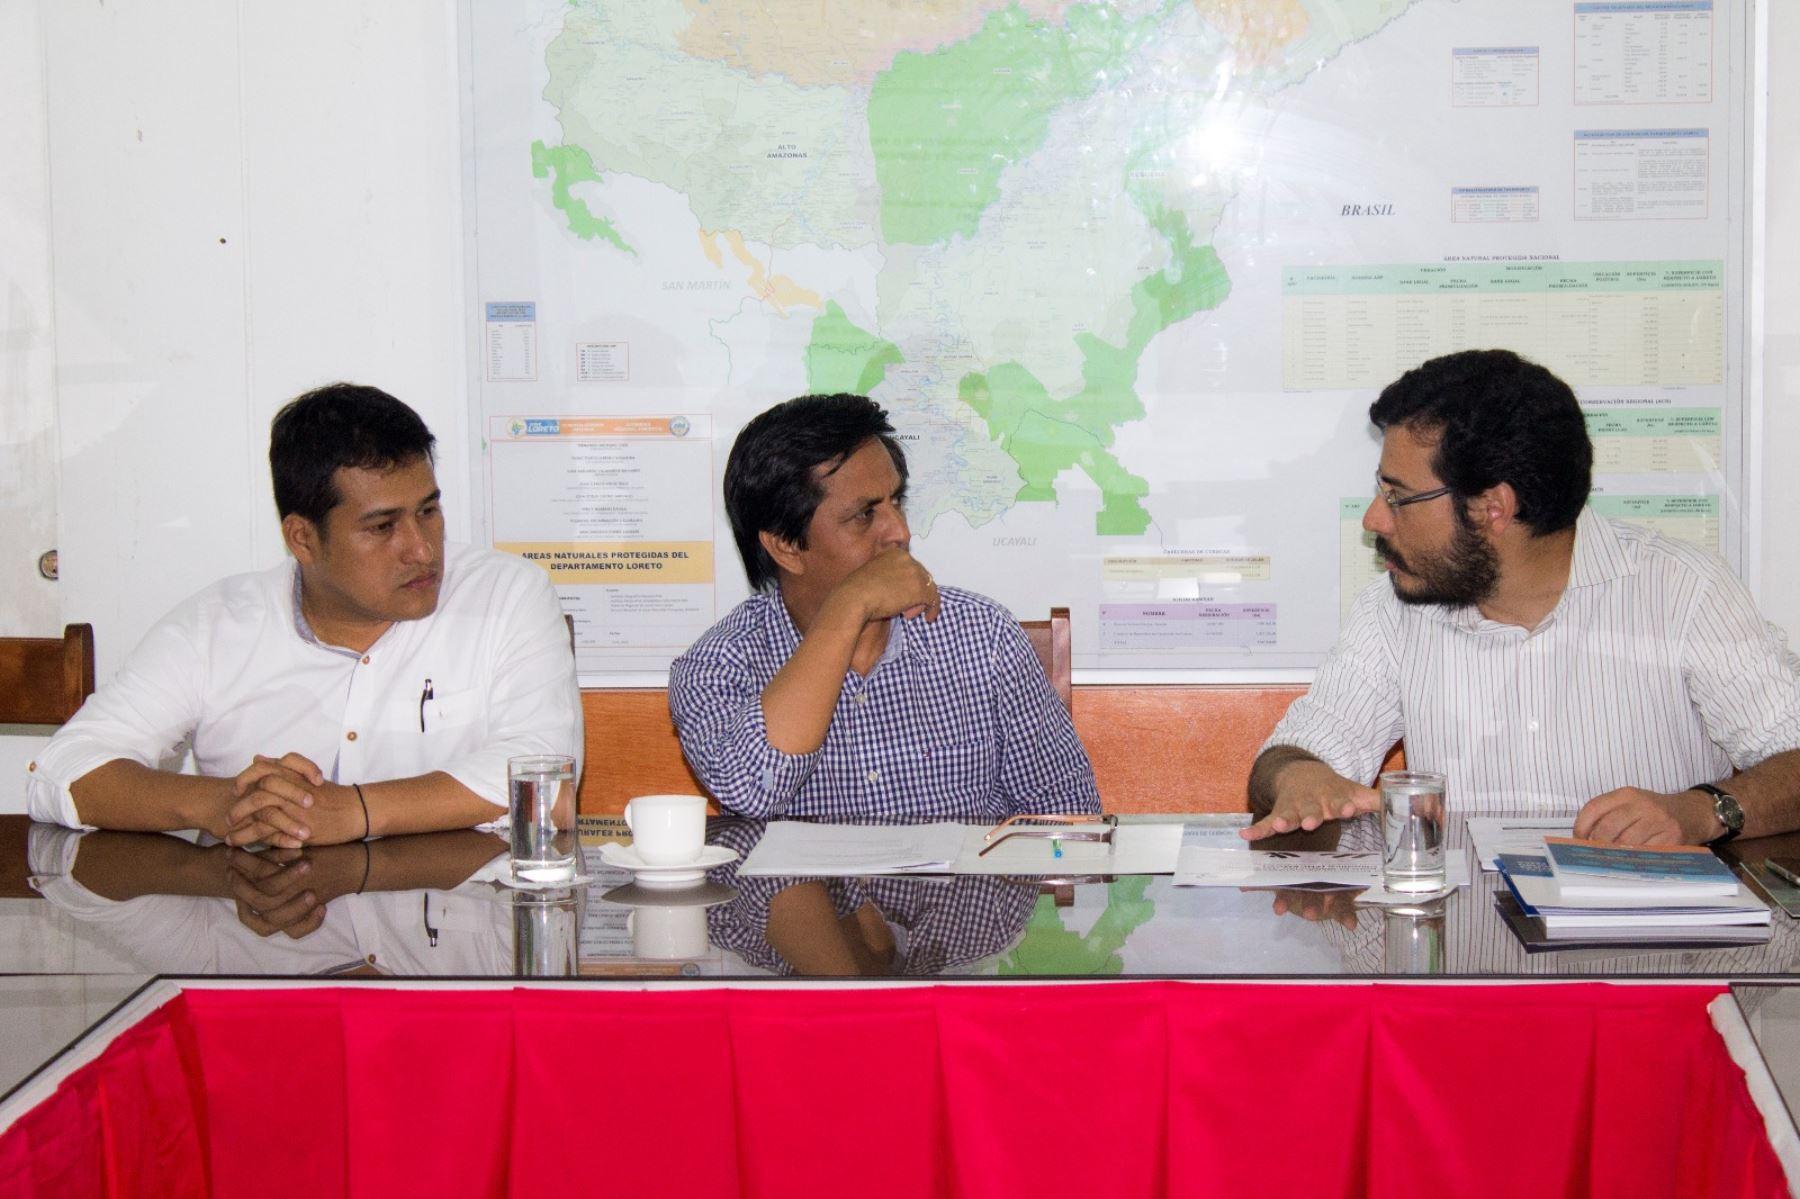 Gobernador regional de Loreto, Fernando Meléndez; se reunió con el coordinador ejecutivo del Programa Bosques, César Calmet.